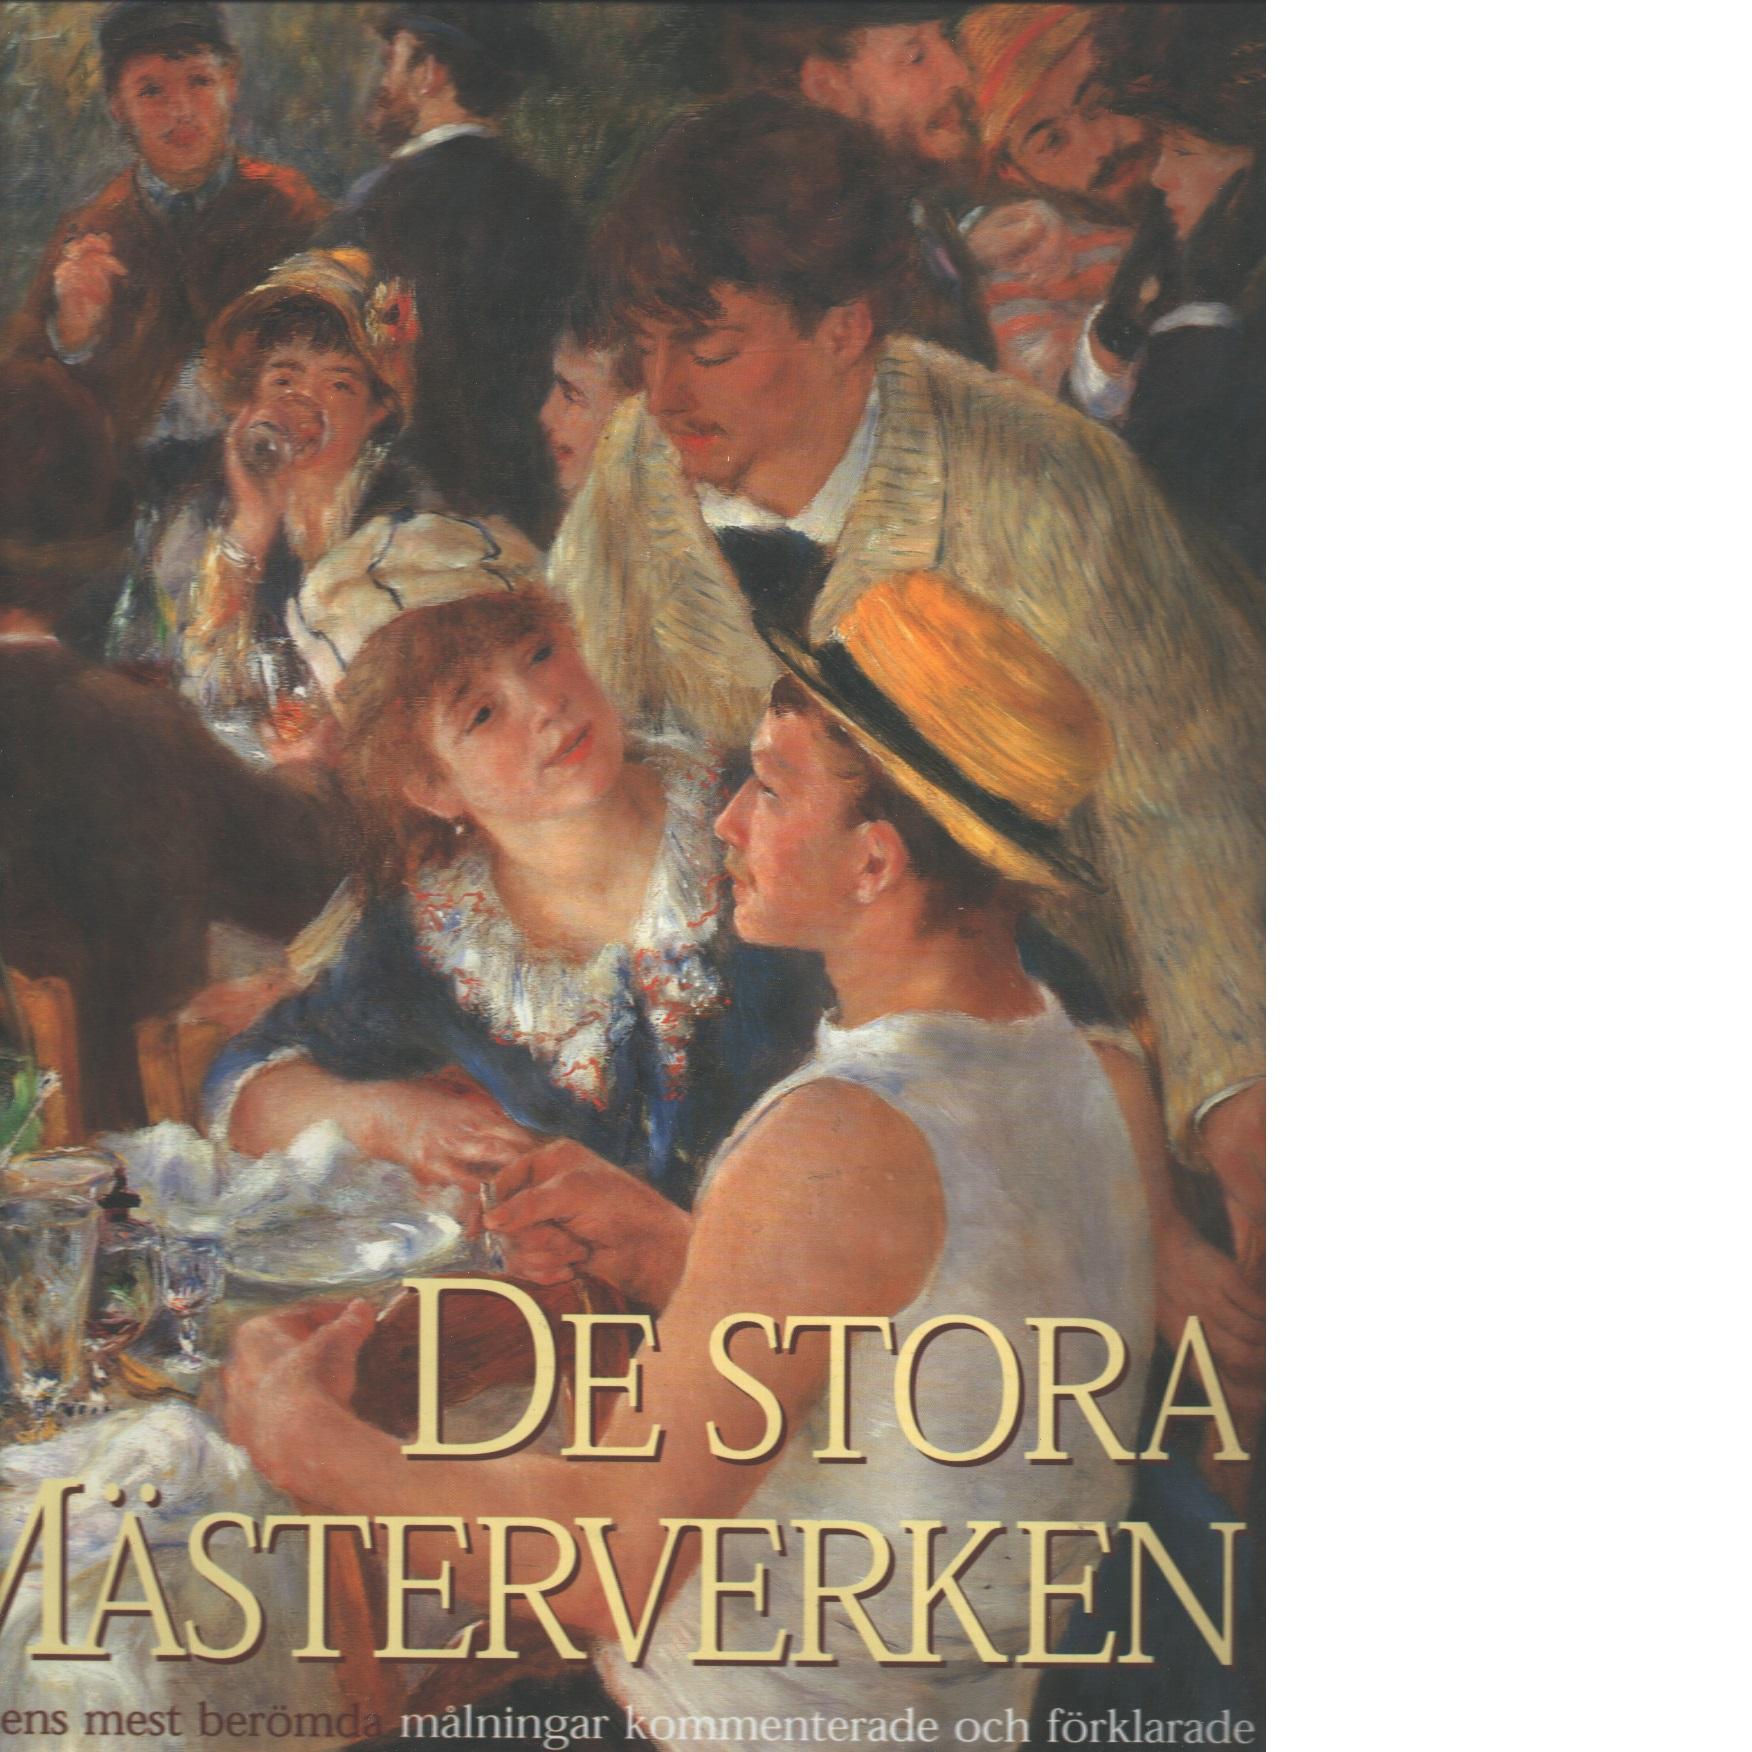 De stora mästerverken : världens mest berömda målningar - Cumming, Robert